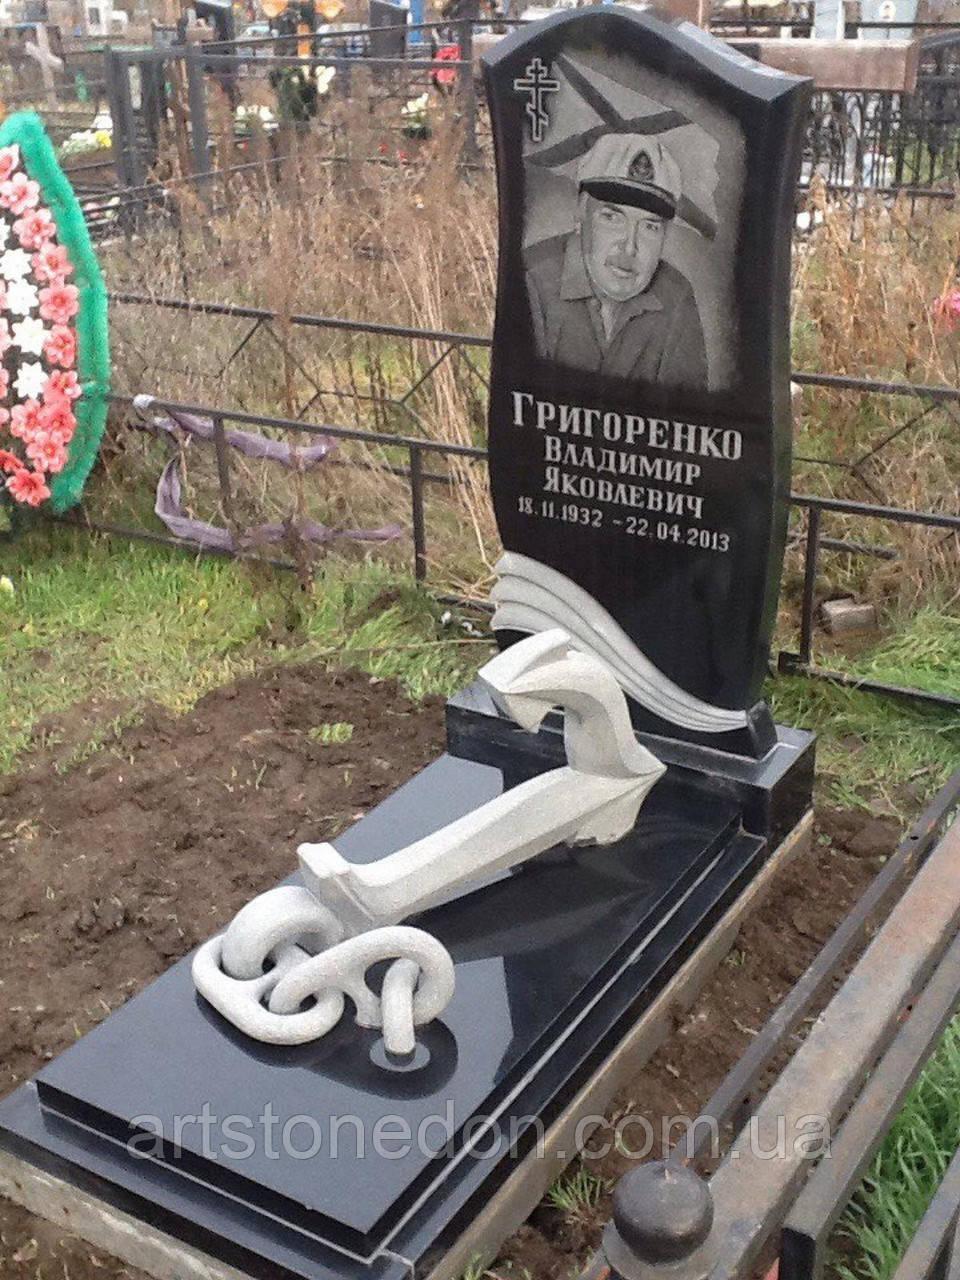 Памятник для моряка из гранита №2